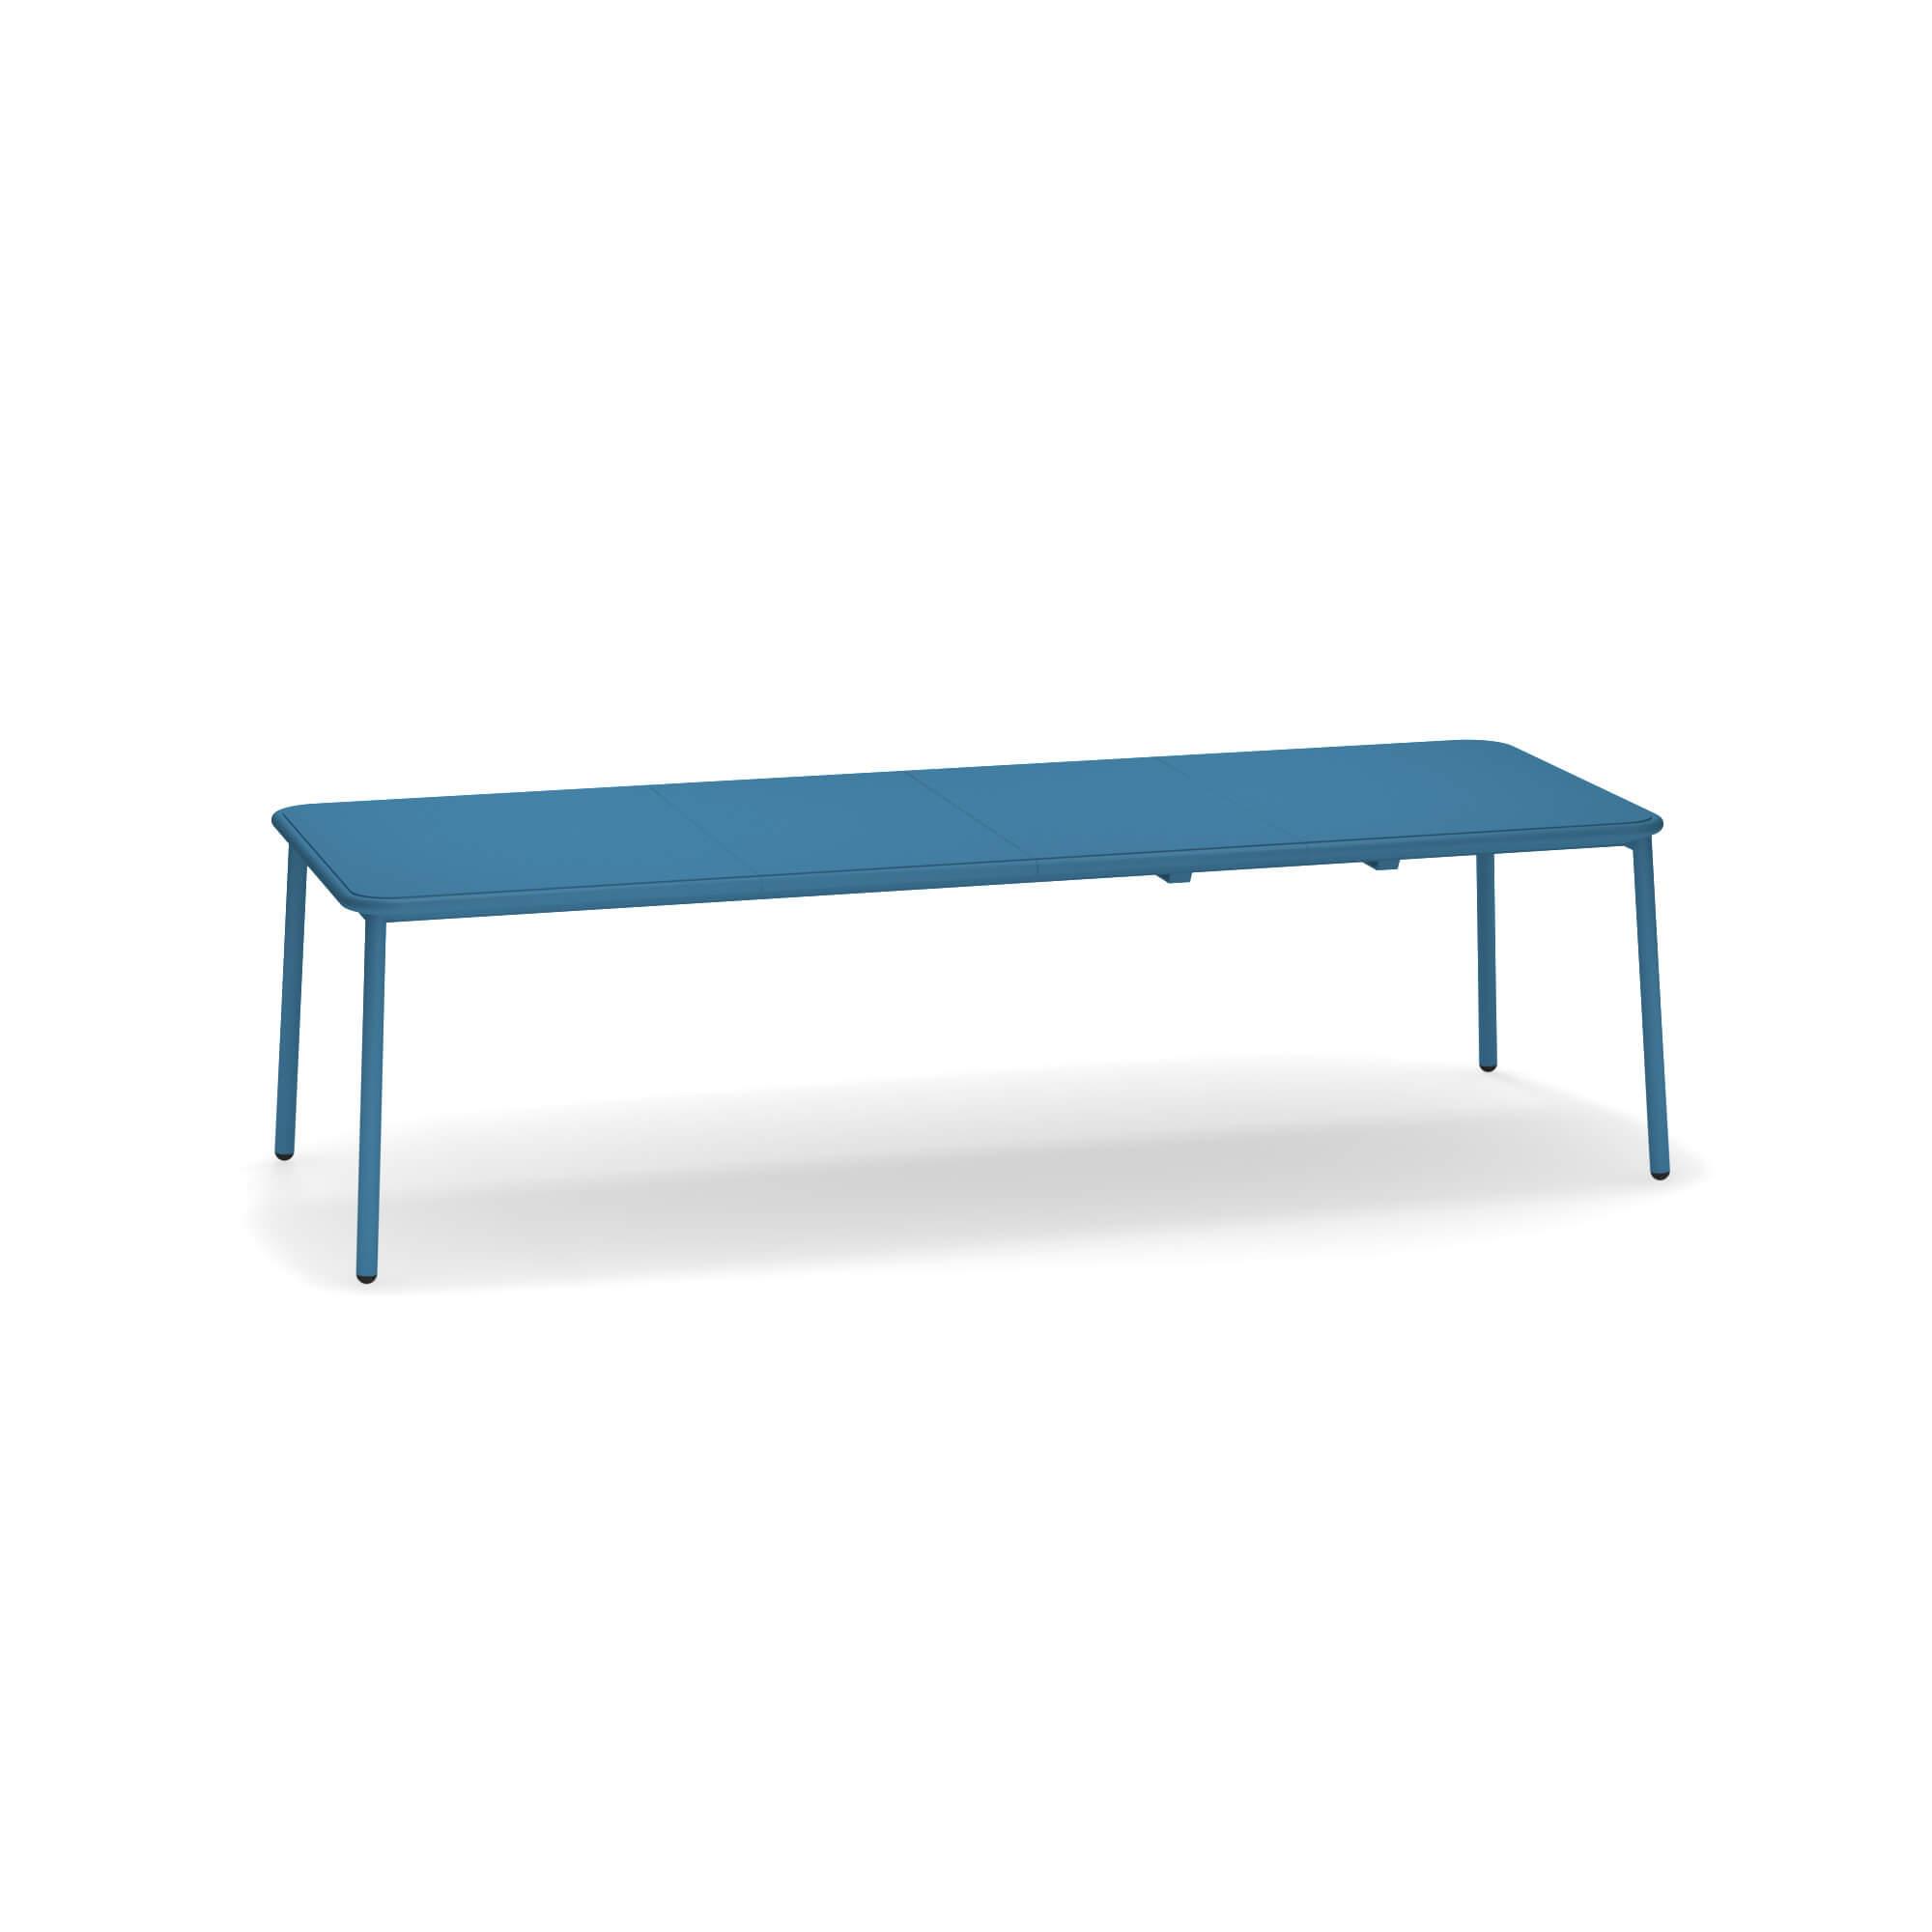 Tavoli Da Giardino In Alluminio Allungabili.Tavolo Alluminio Allungabile Da Esterno Tavolo Da Pranzo